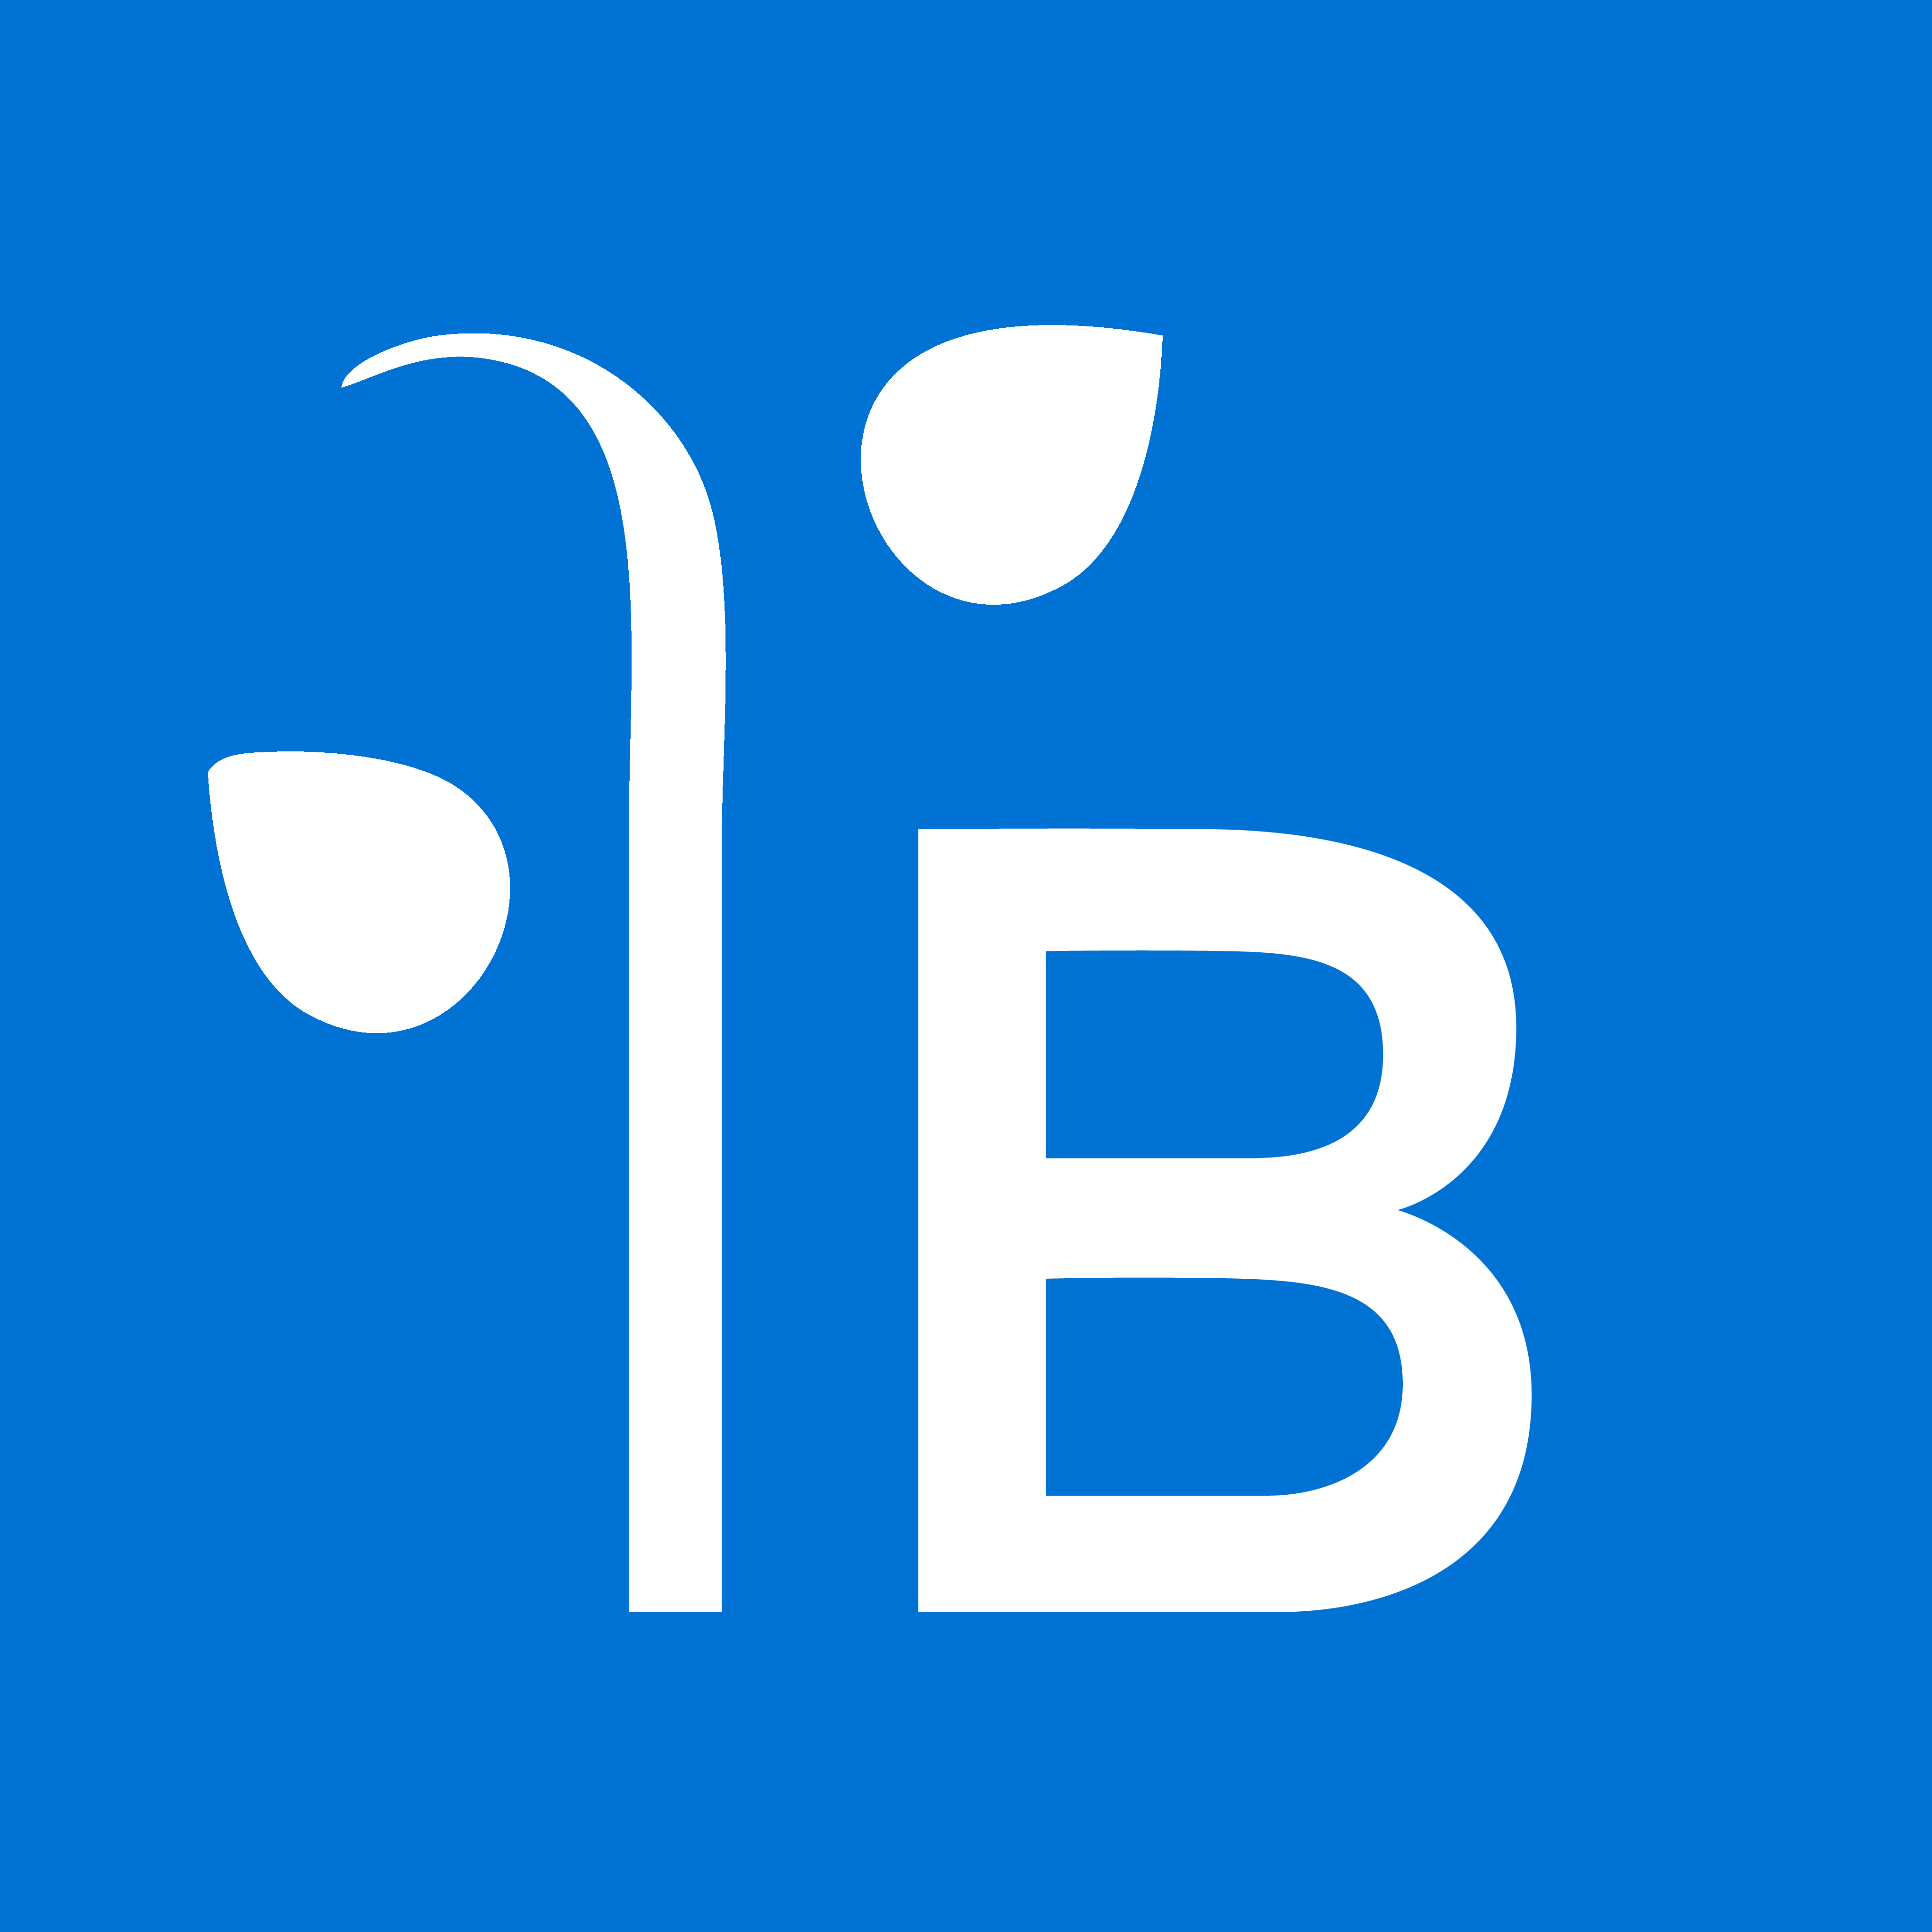 The Bienstock Group